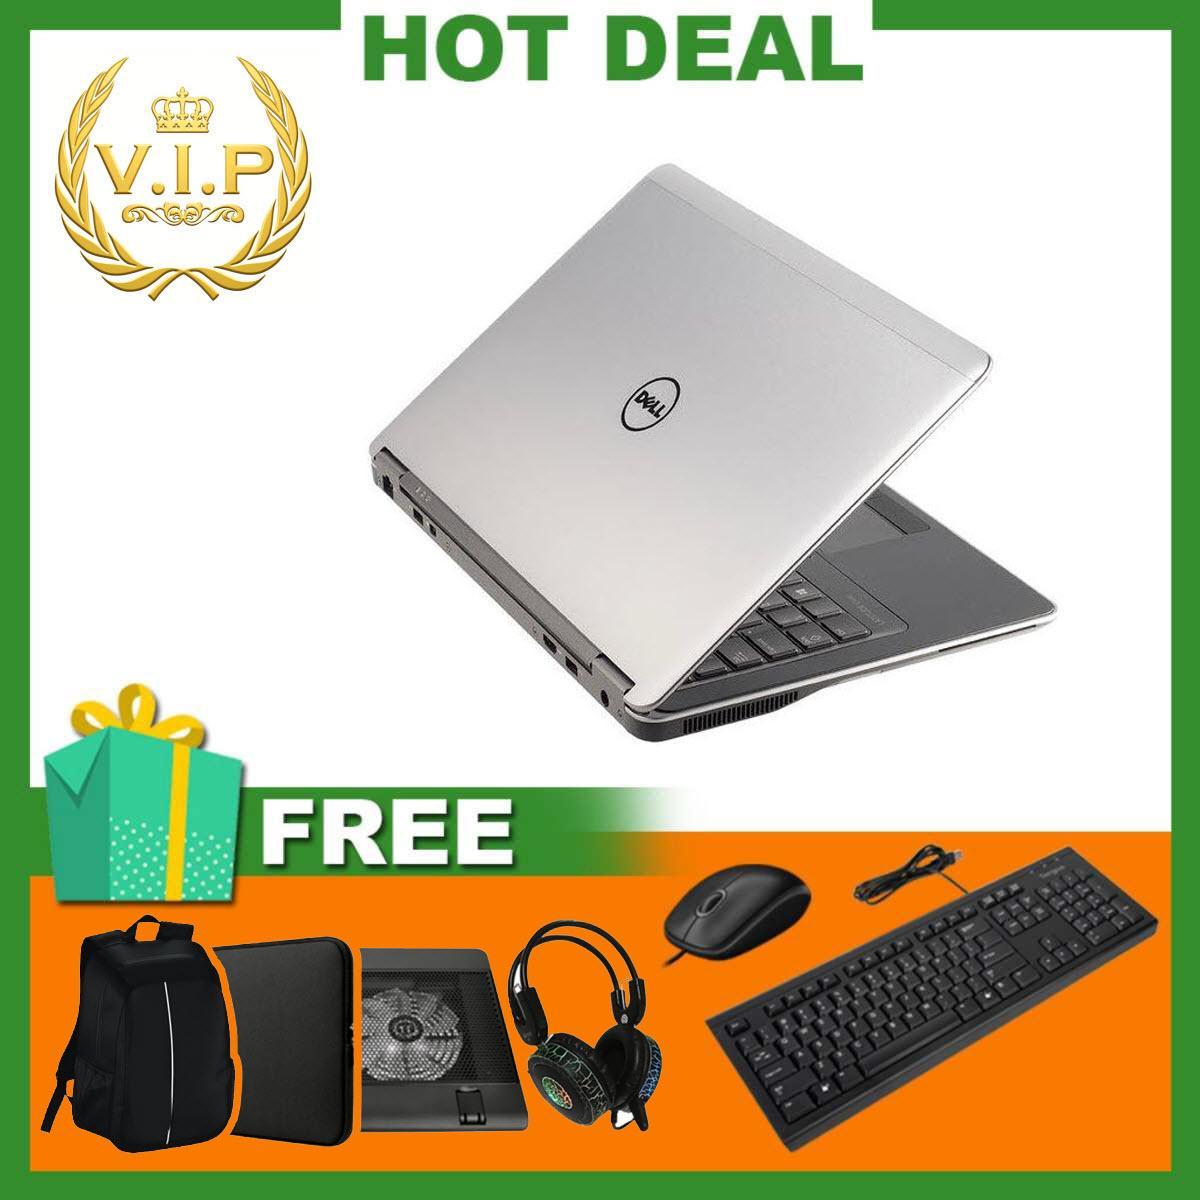 Laptop Dell Latitude 7440 ( i5-4300U, 14inch, 8GB, SSD 120GB ) Chất Lượng Tốt + Bộ Quà Tặng - Hàng Nhập Khẩu